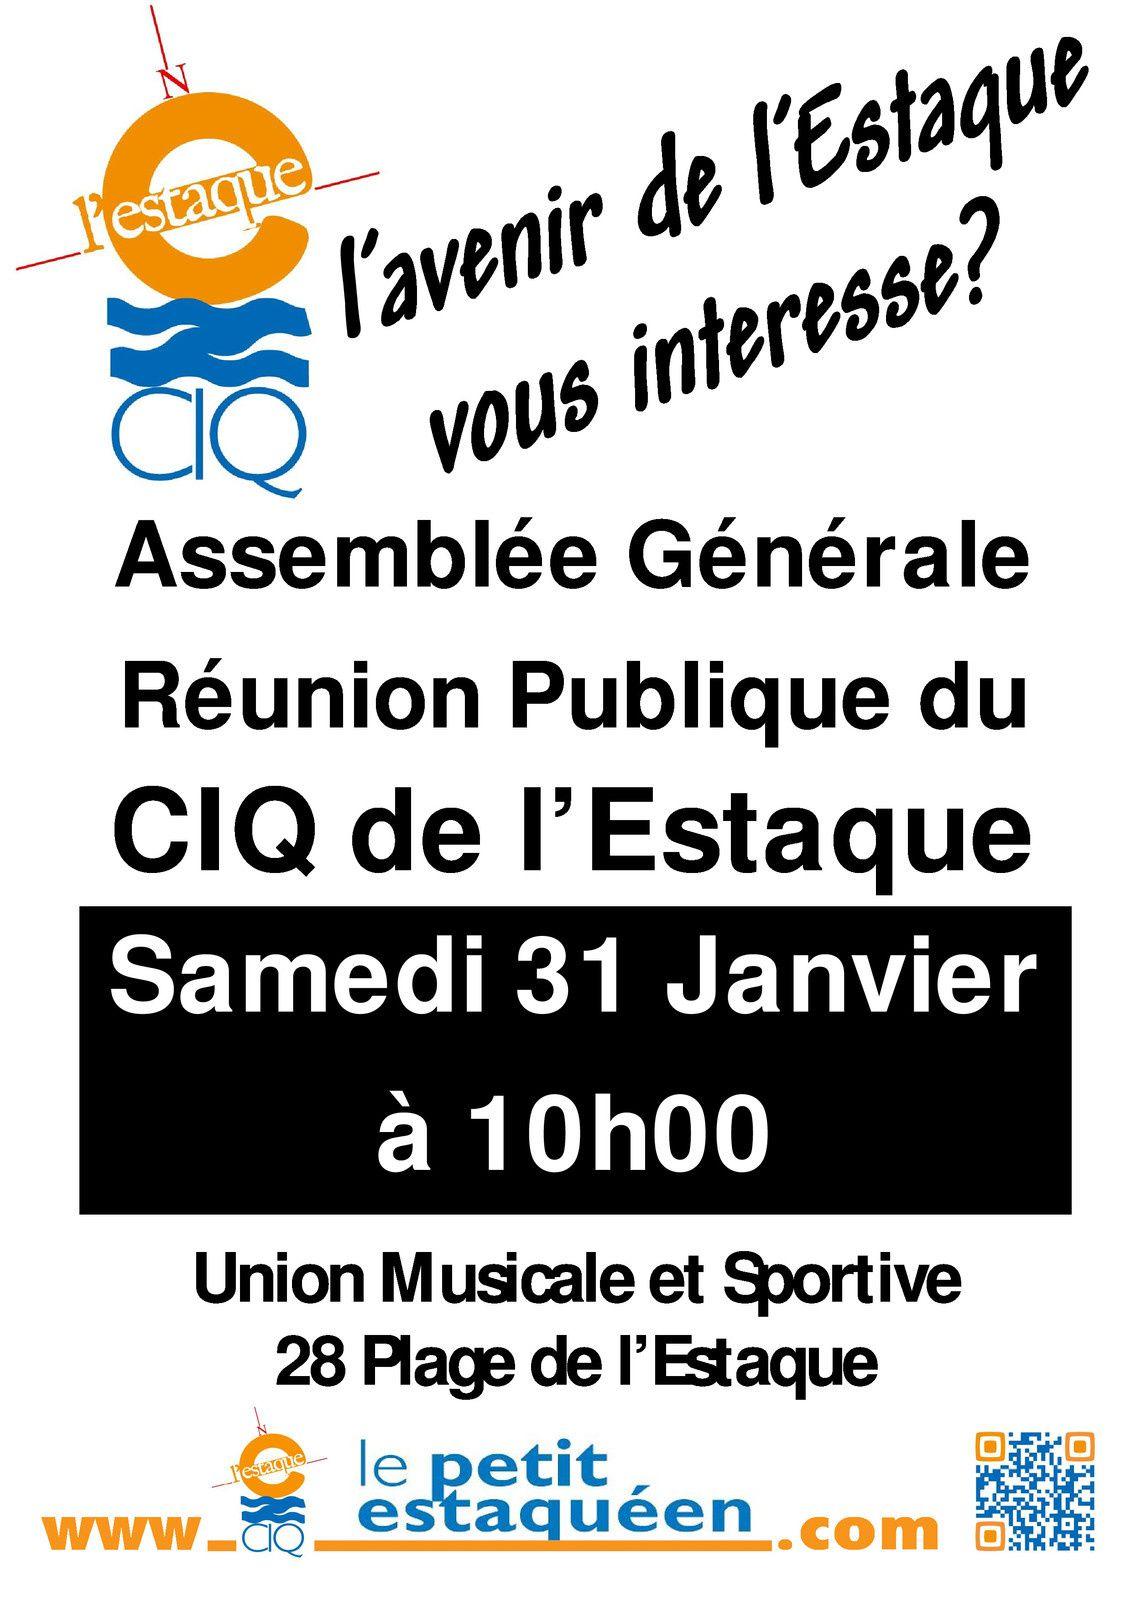 CIQ de l'Estaque - Assemblée Générale et réunion publique